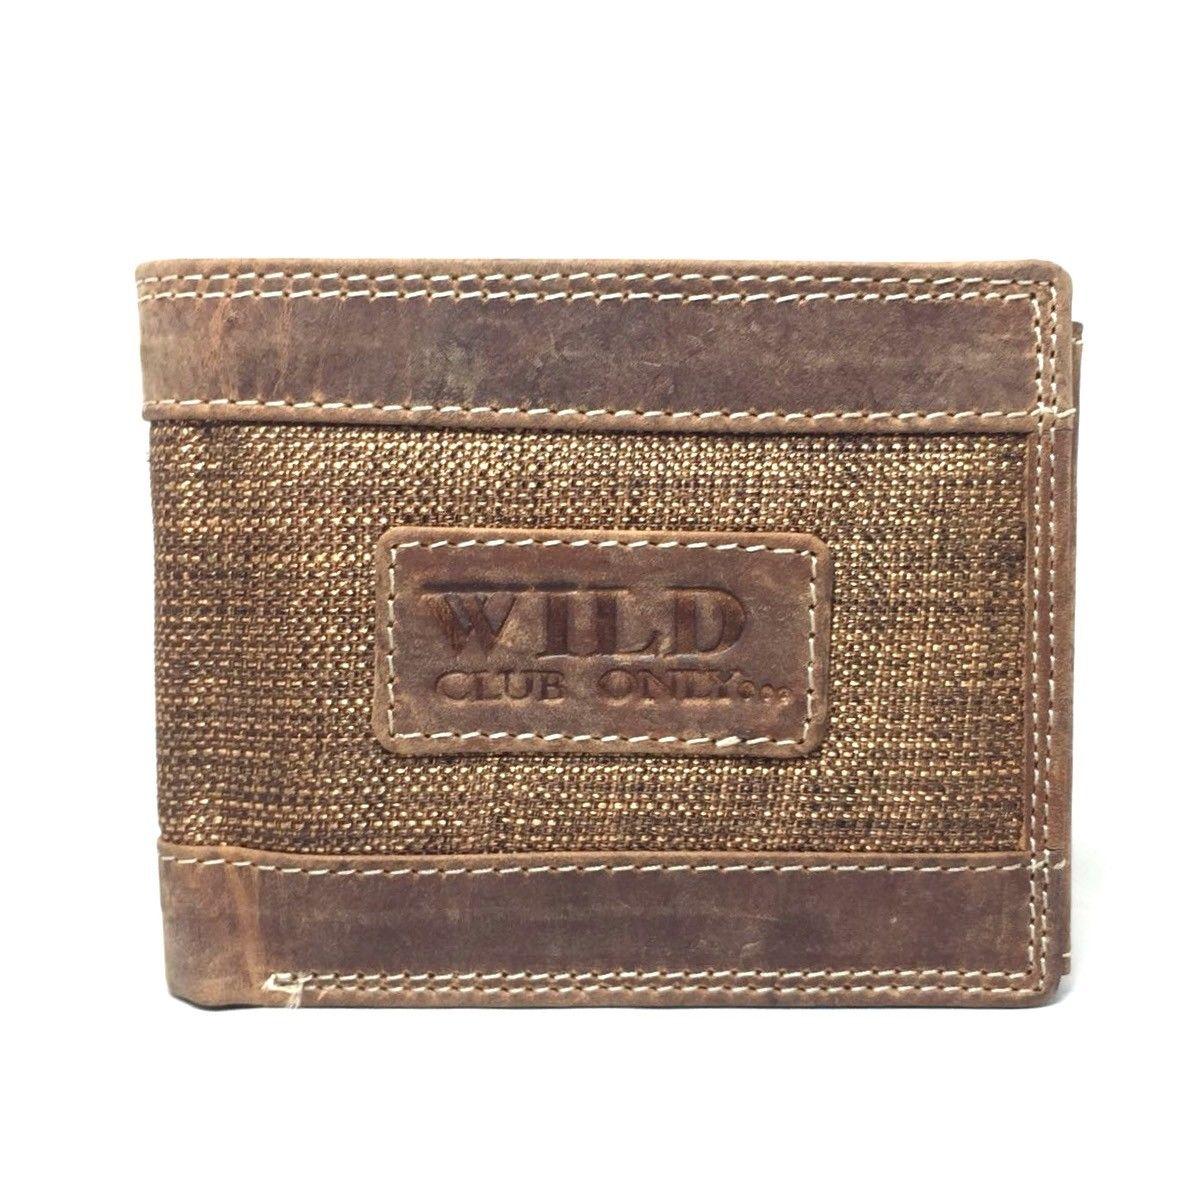 1017e800d08f4 ... Stylische Herren Geldbörse aus echt Leder und Stoff ...